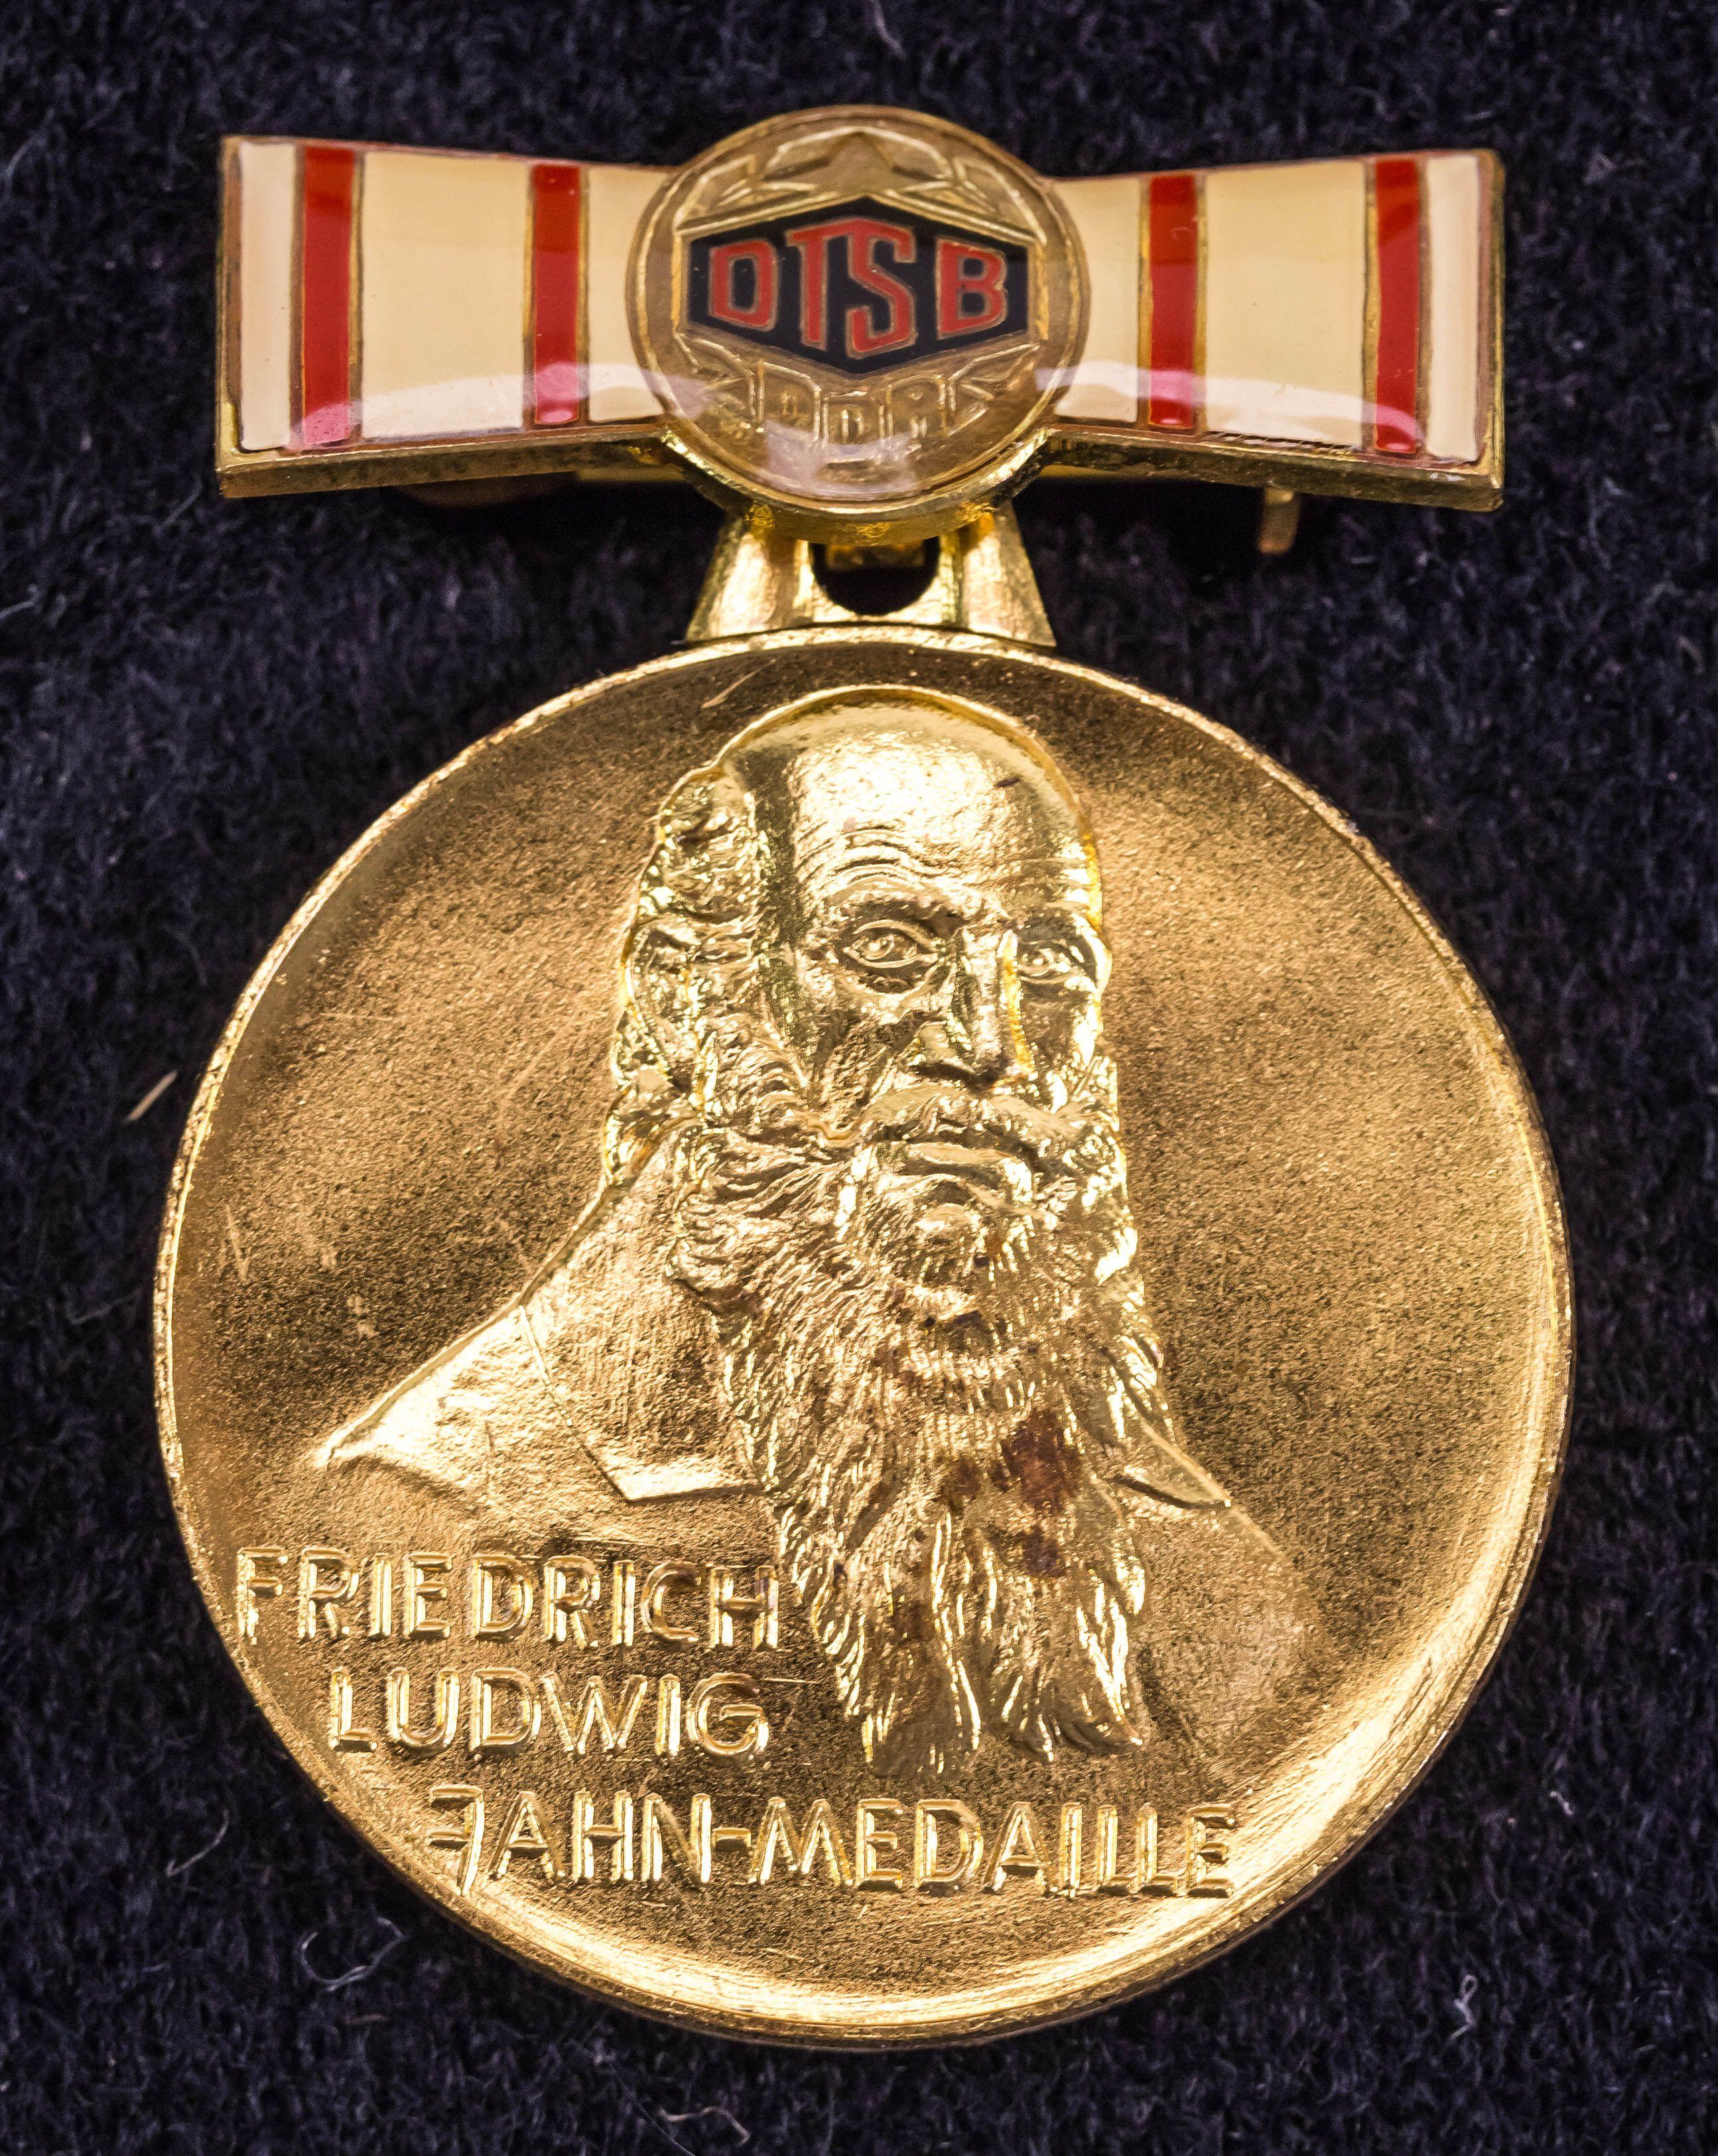 """DDR Museum - Museum: Objektdatenbank - """"Friedrich Ludwig Jahn Medaille"""" Copyright: DDR Museum, Berlin. Eine kommerzielle Nutzung des Bildes ist nicht erlaubt, but feel free to repin it!"""